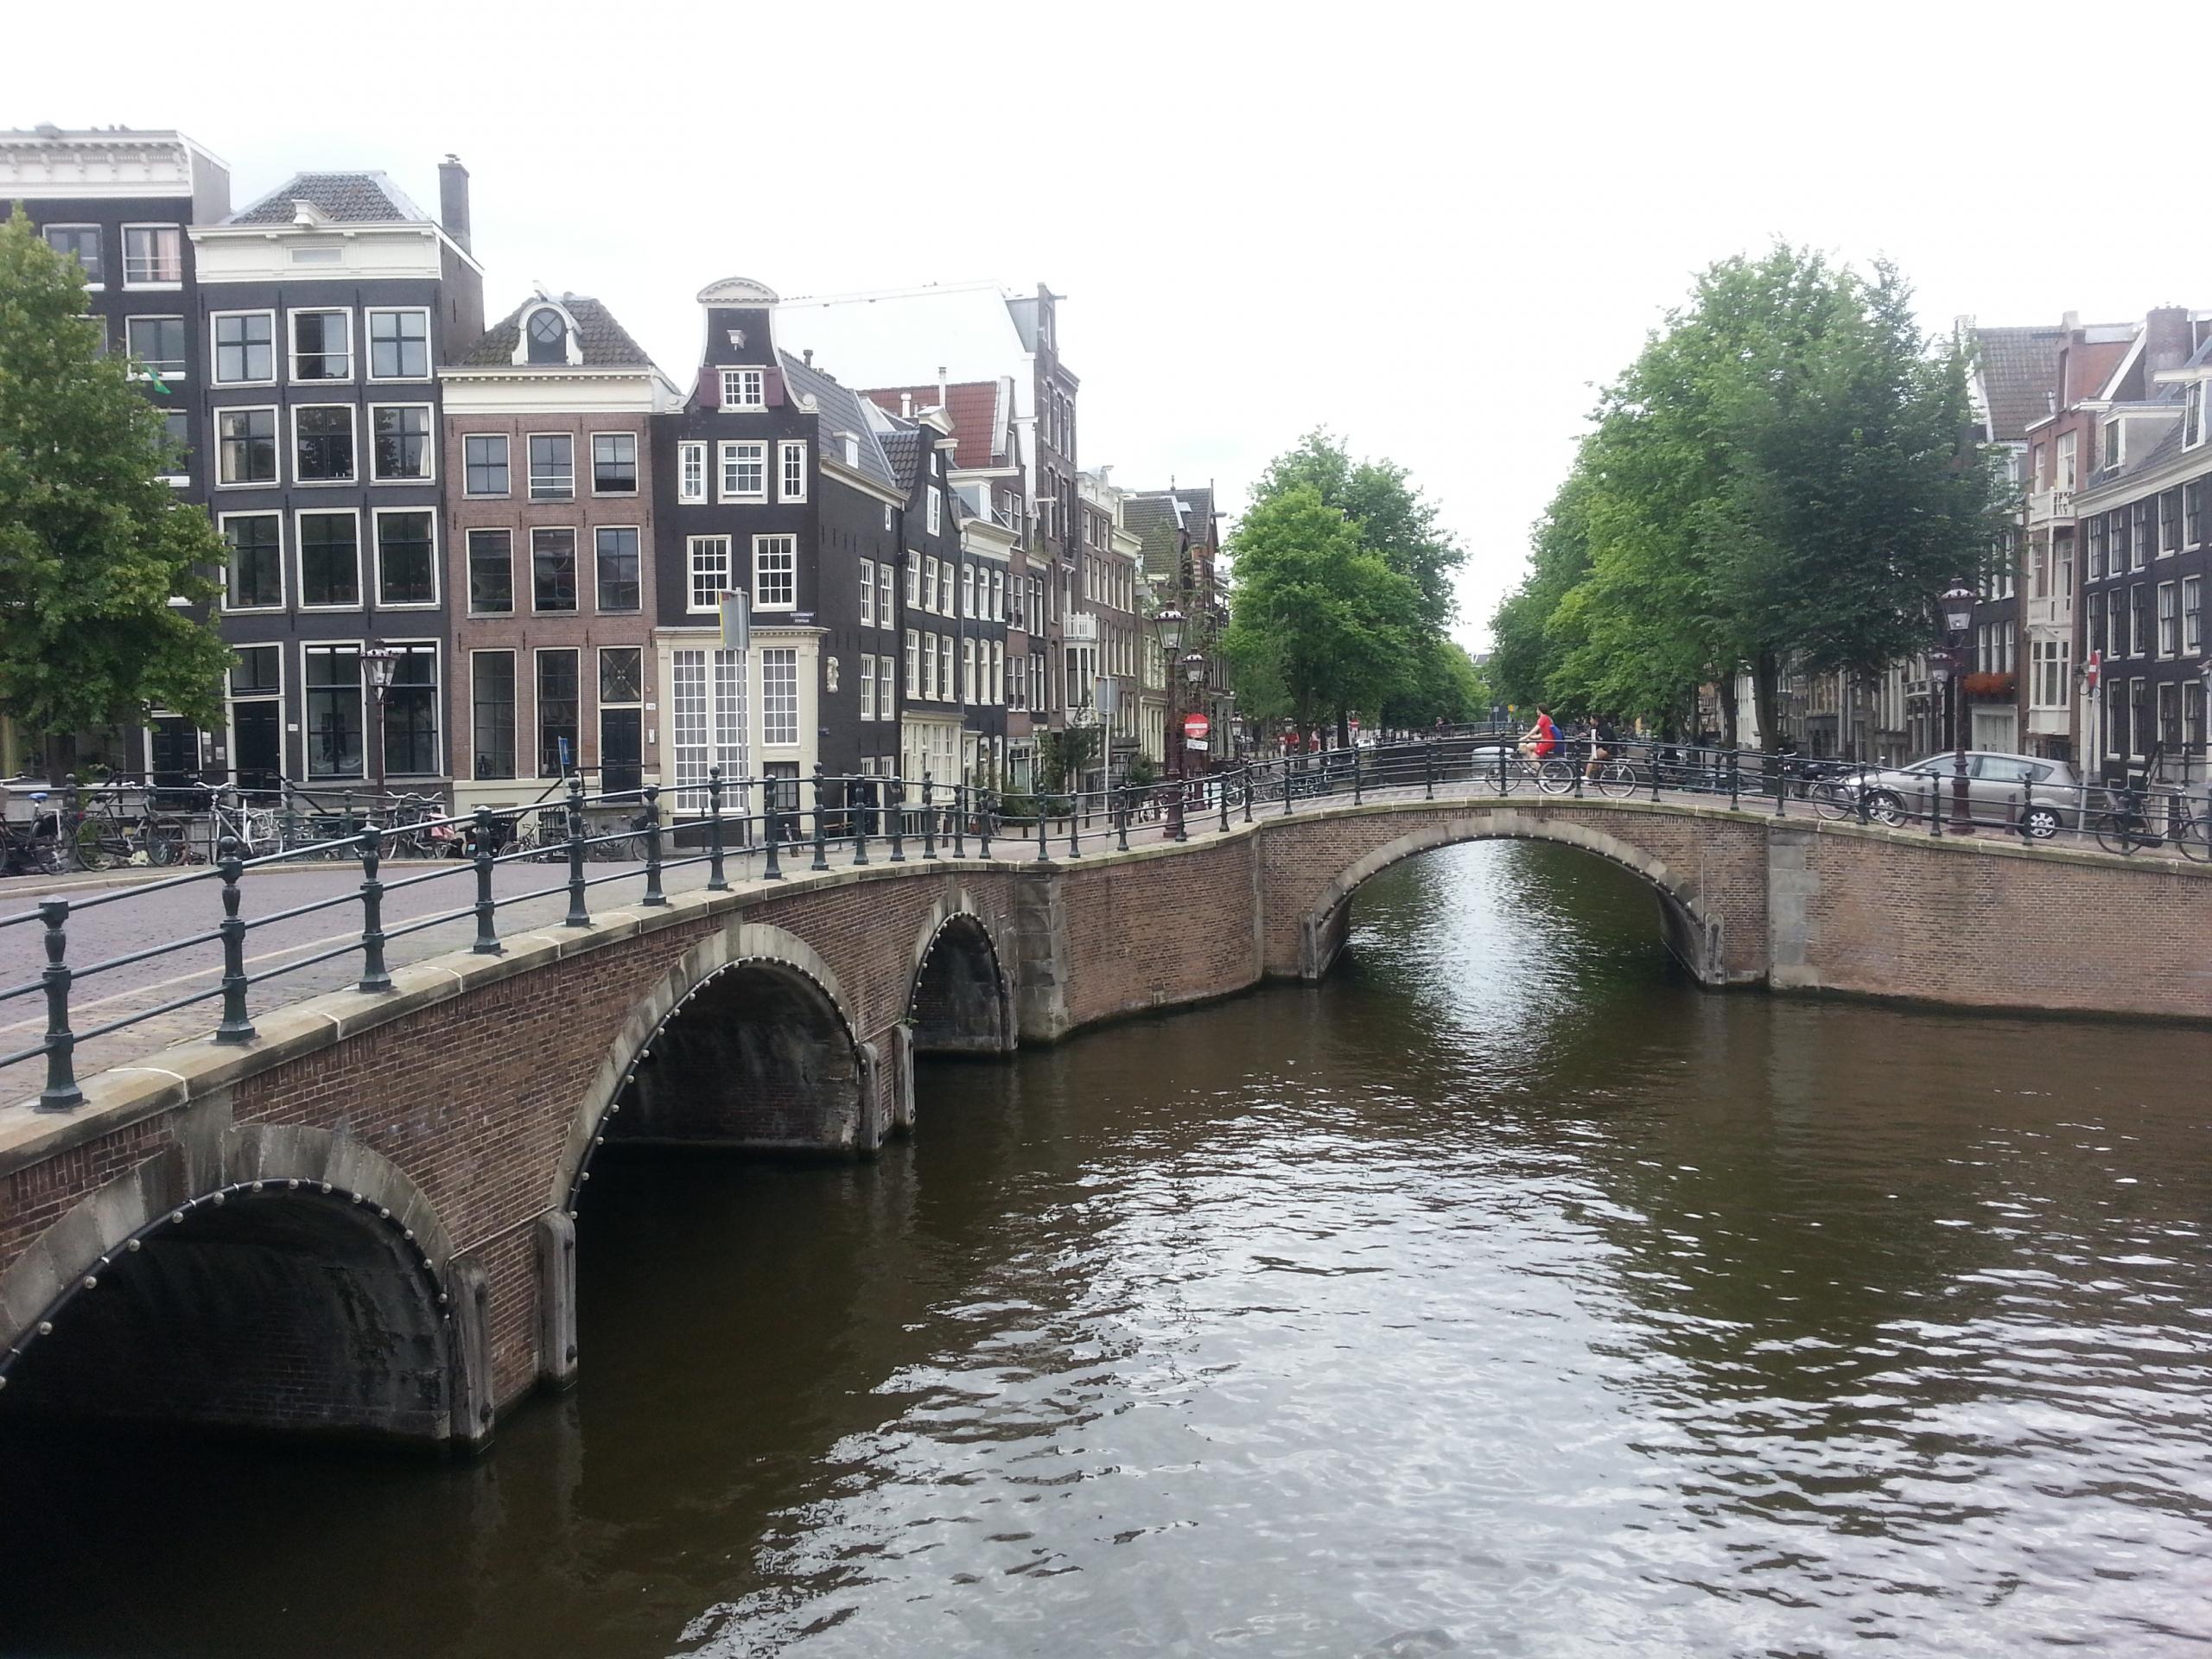 Amsterdam_Grachten1-scaled